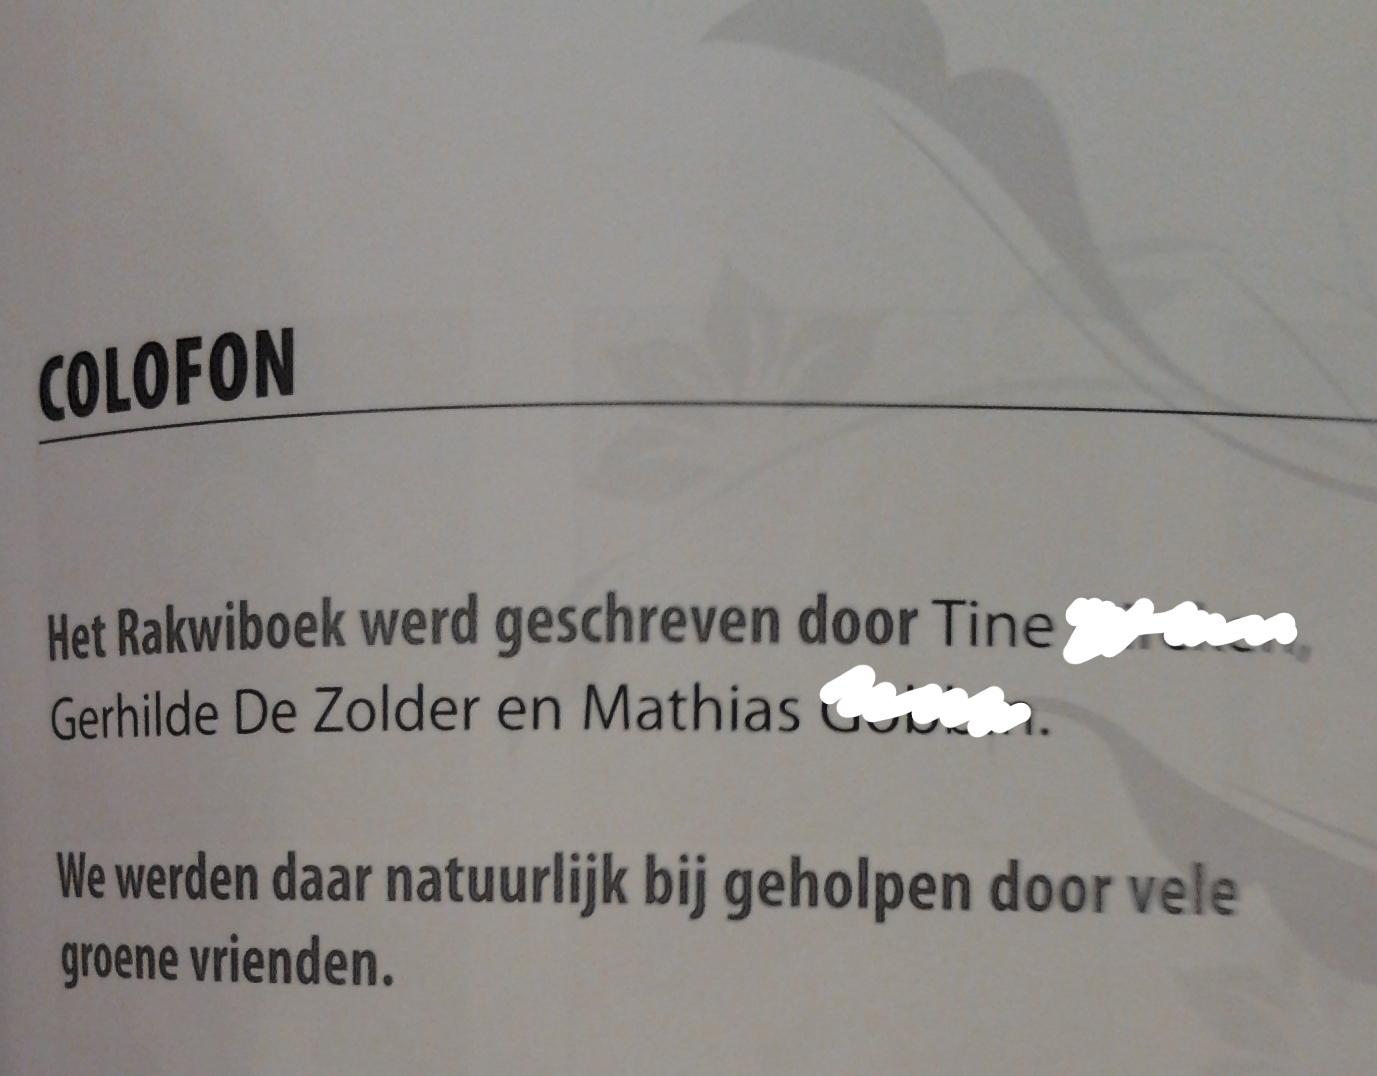 Colofon rakwiboek